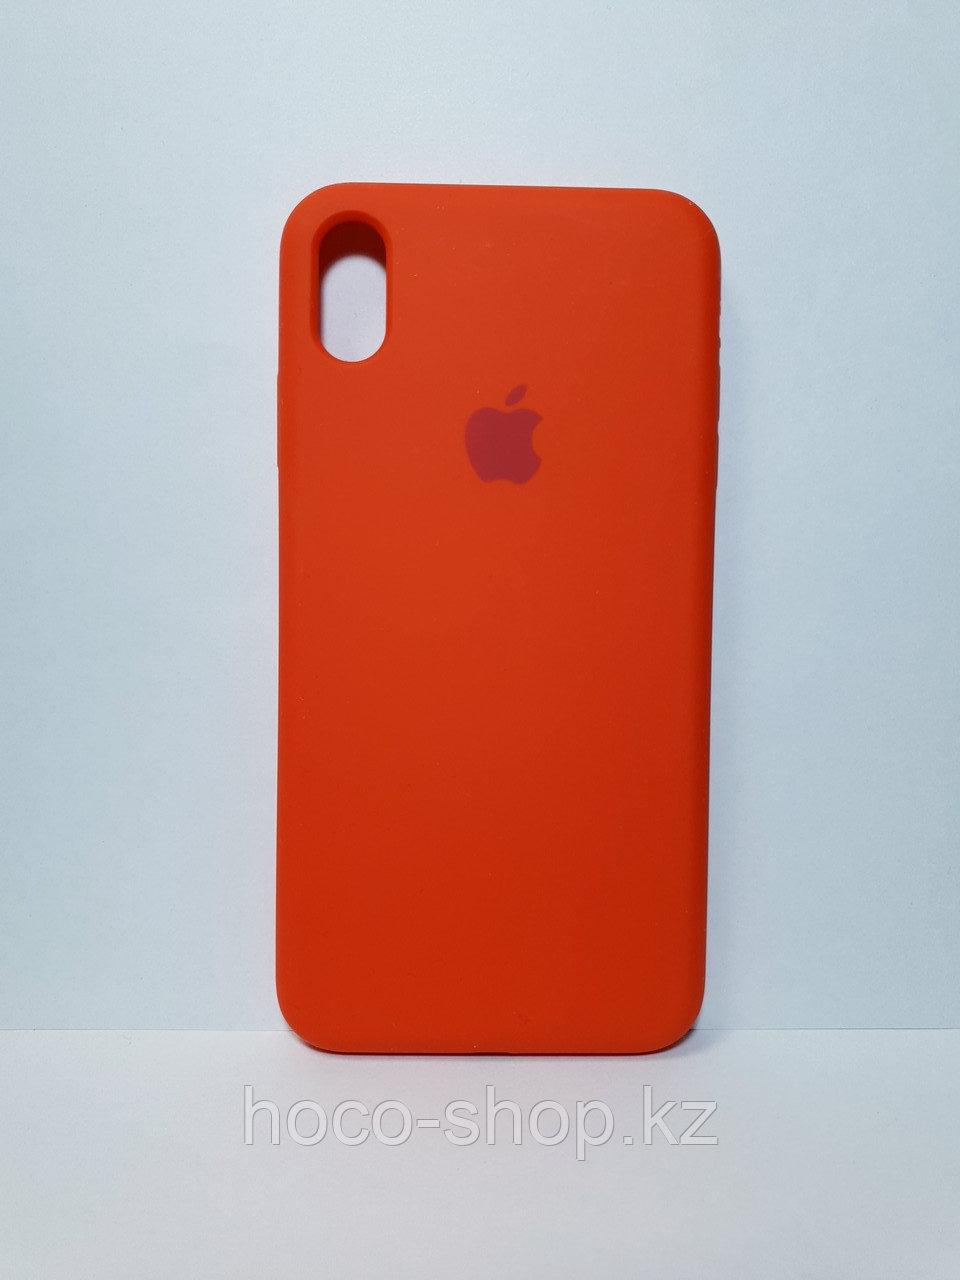 Защитный чехол для iPhone Xs Max Soft Touch силиконовый, красный